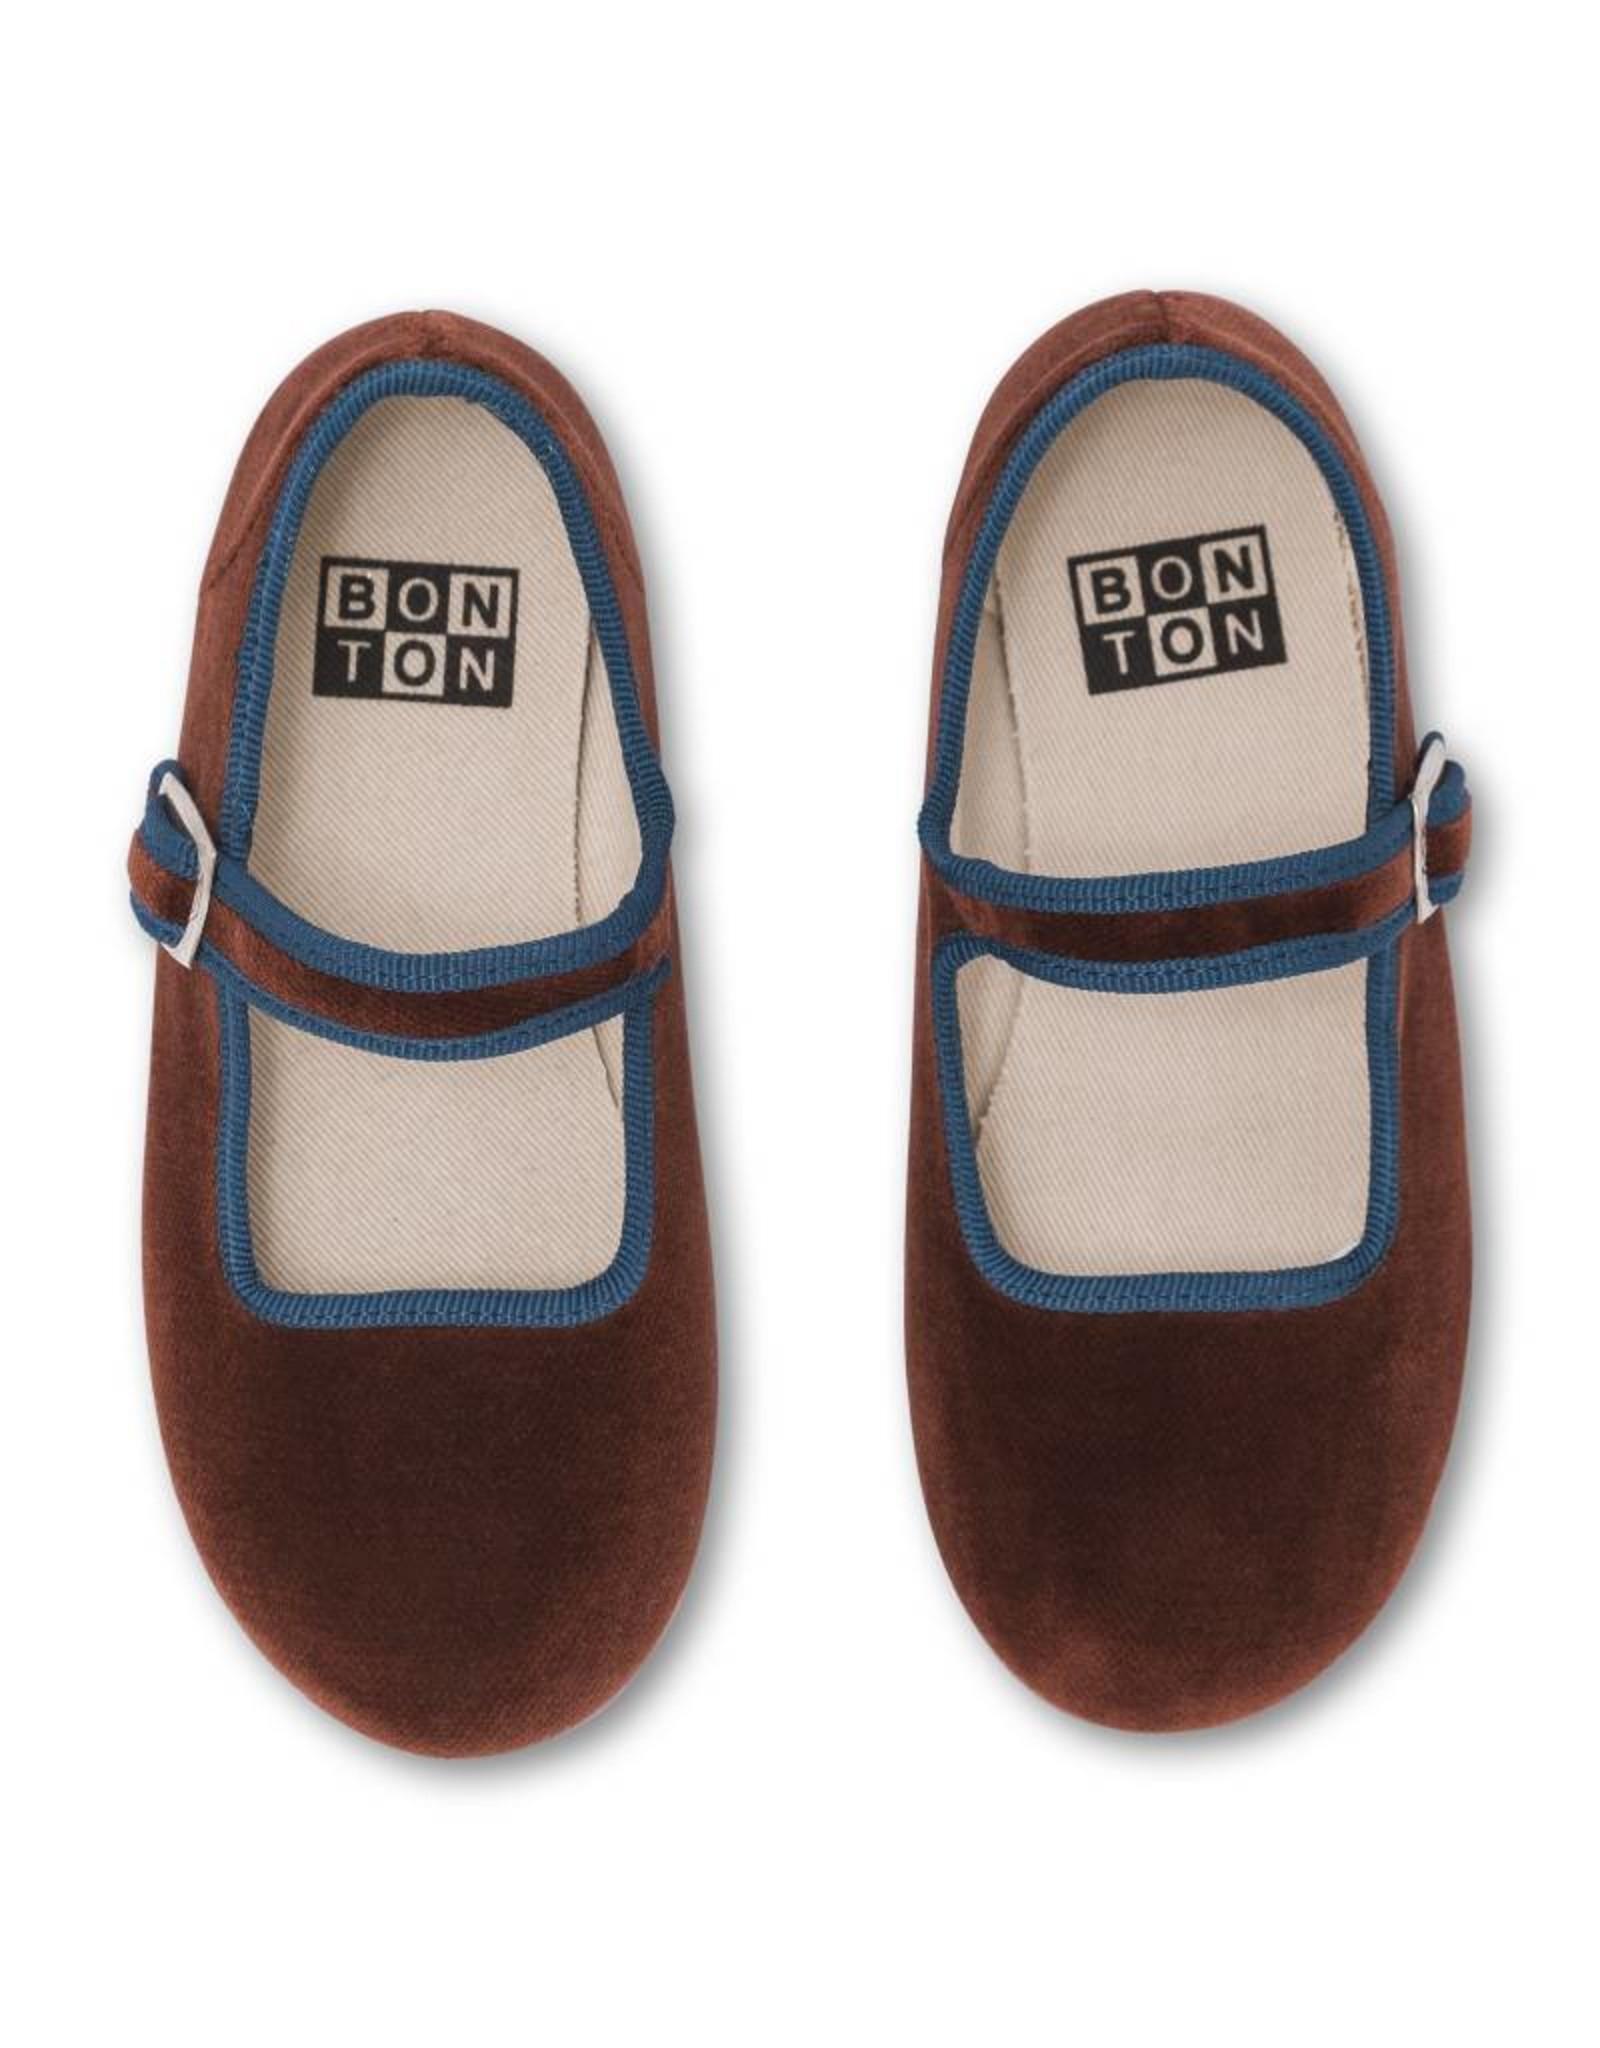 Bonton Kid's Jane sling slippers